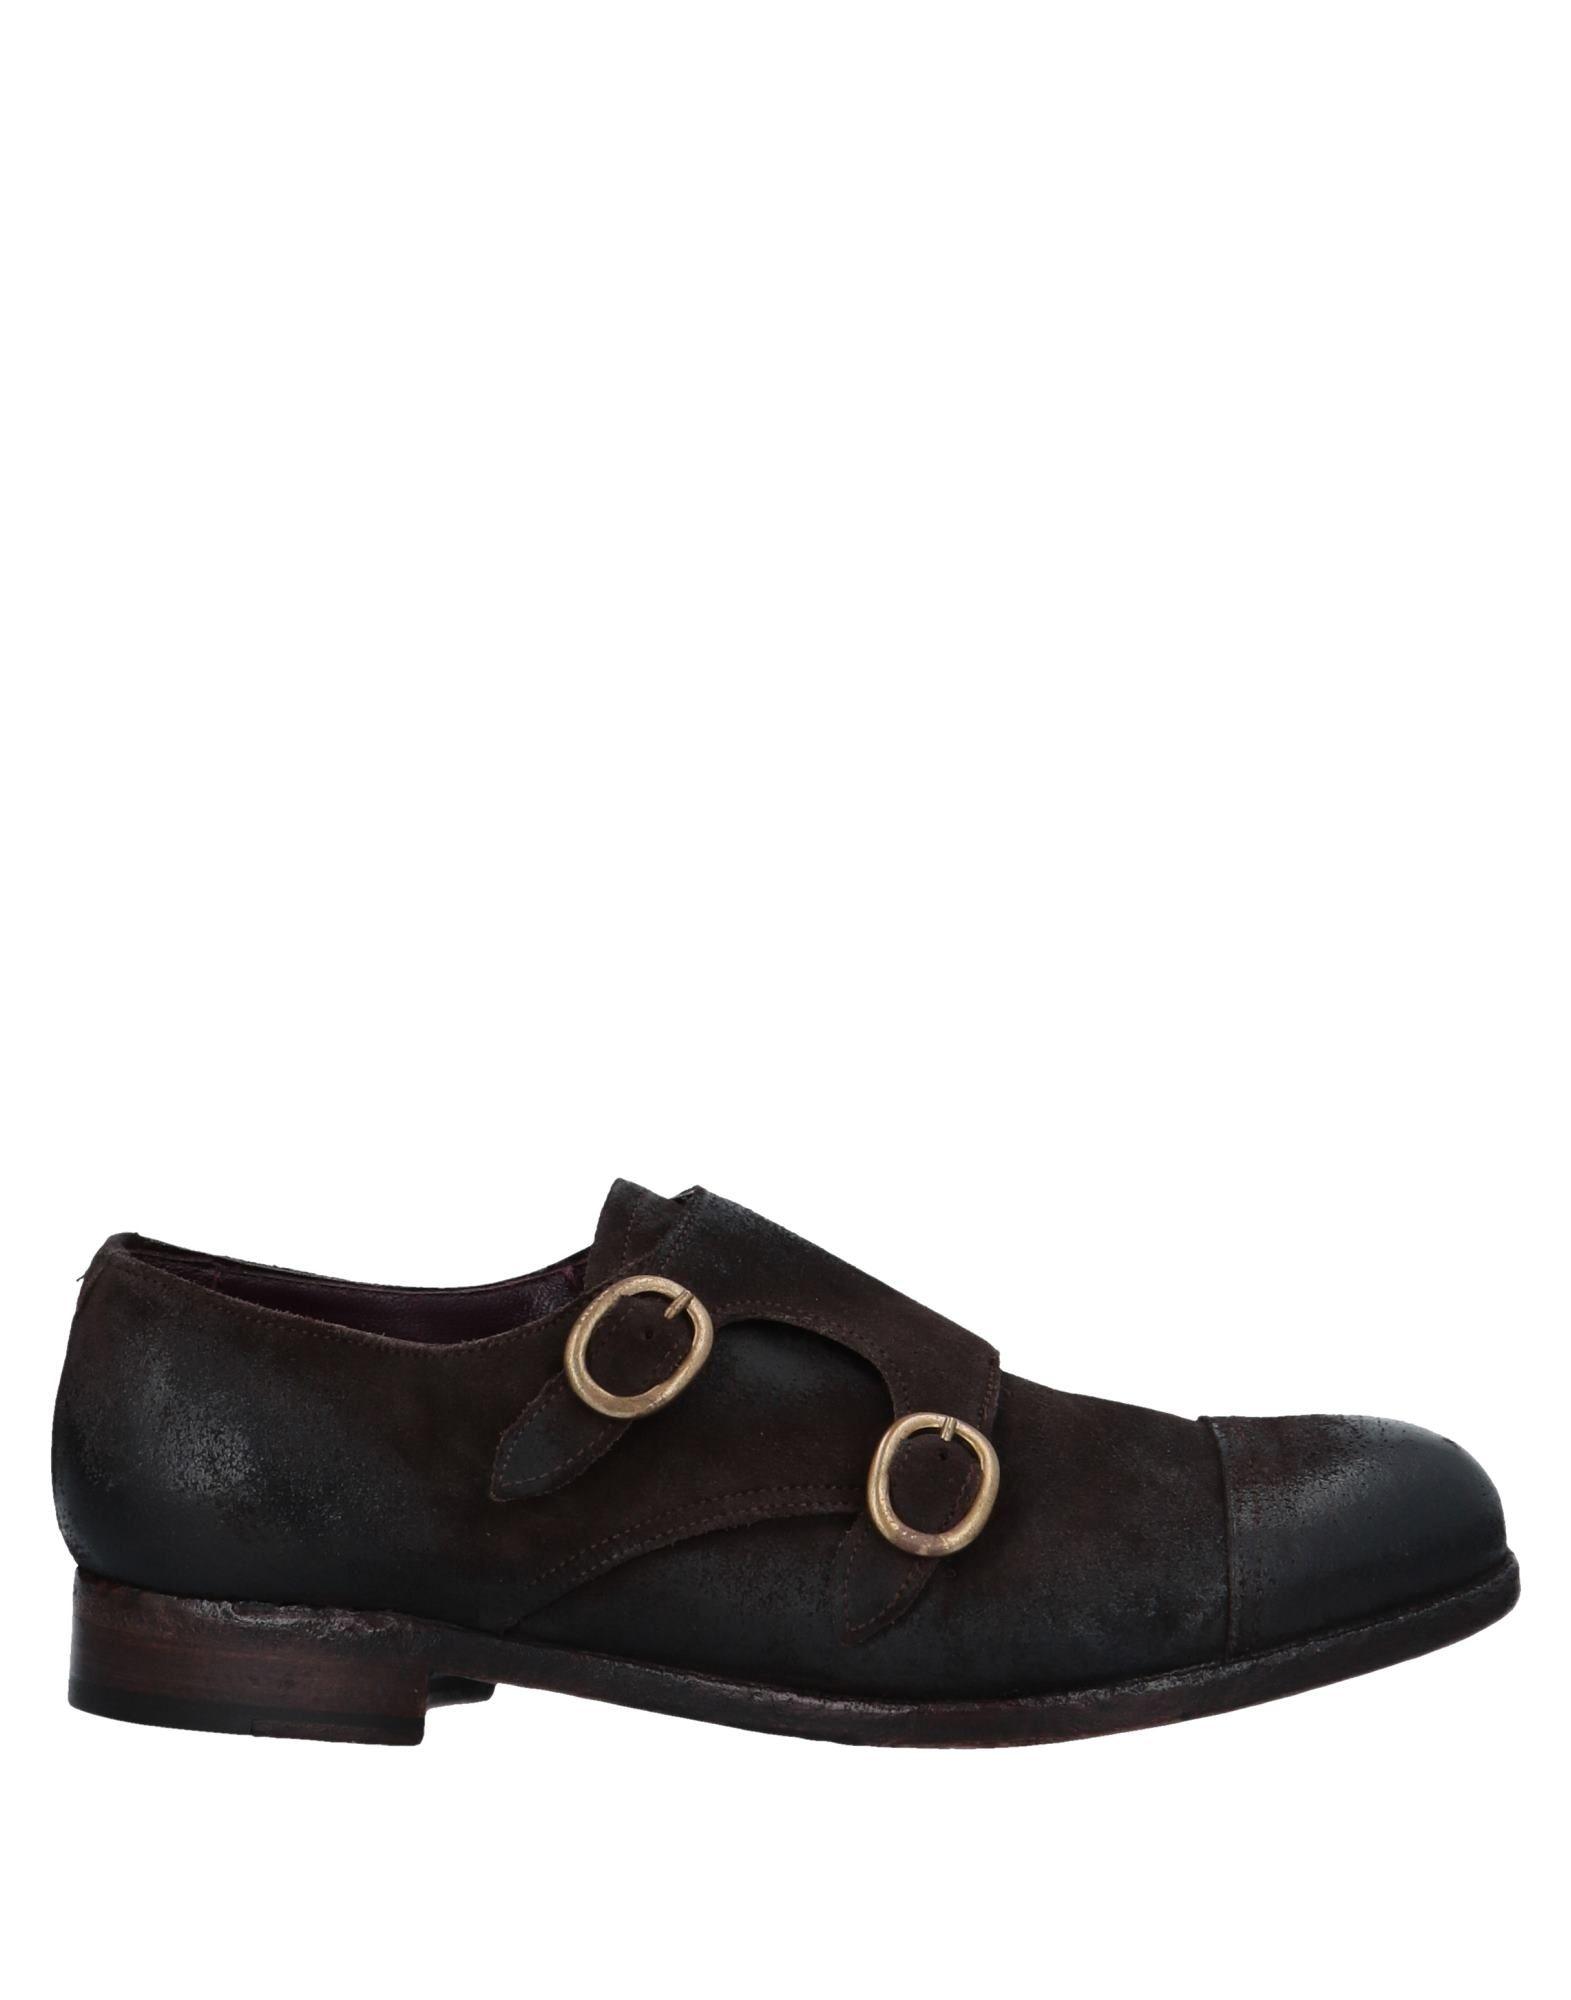 Lidfort Loafers - Men Lidfort Loafers online 11508366OB on  Canada - 11508366OB online 557f98